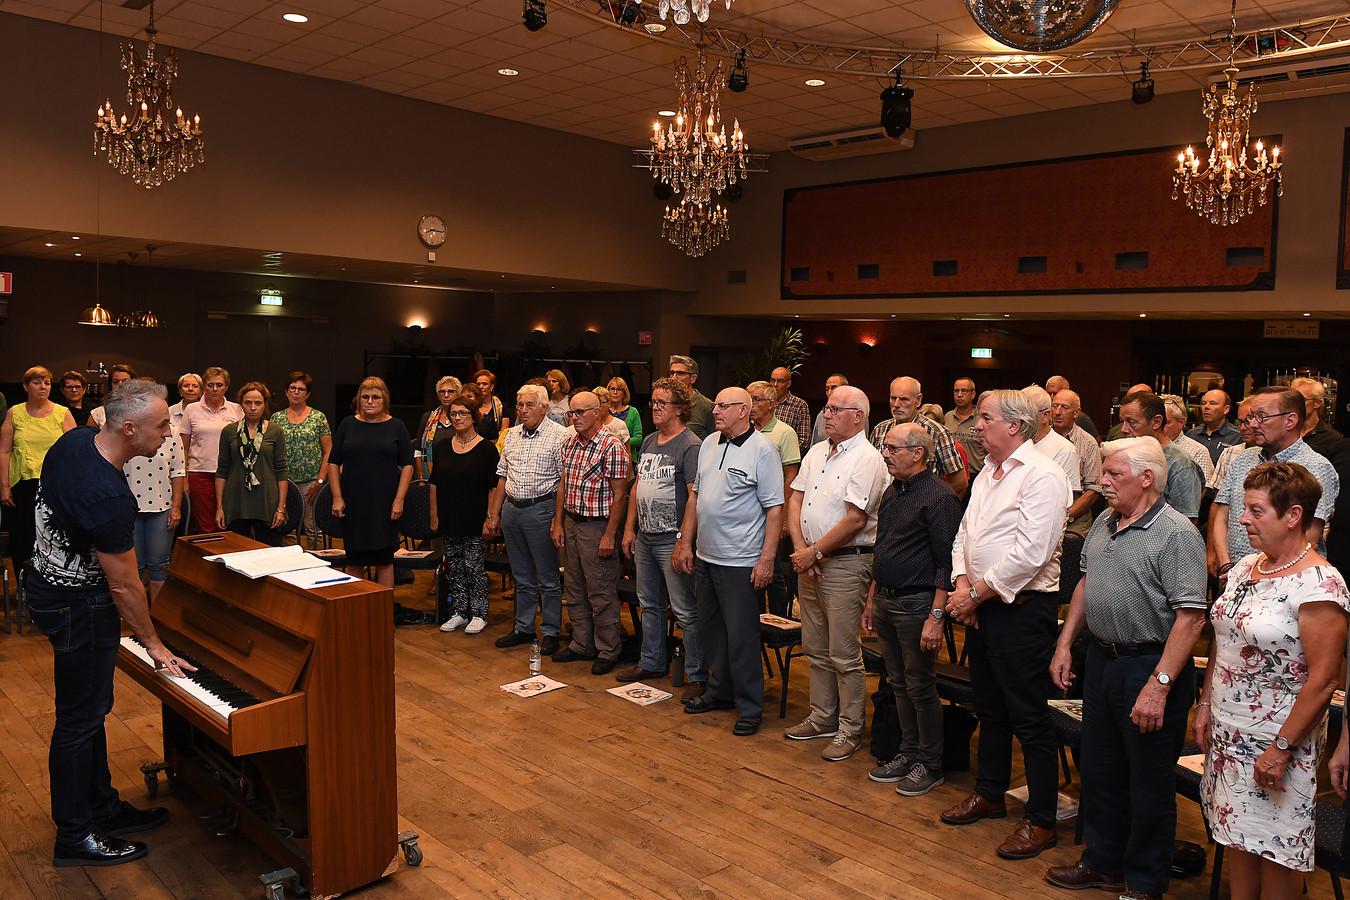 De repetities van de Carmina Burana voor een optreden in de Cuijkse schouwburg zijn in volle gang.